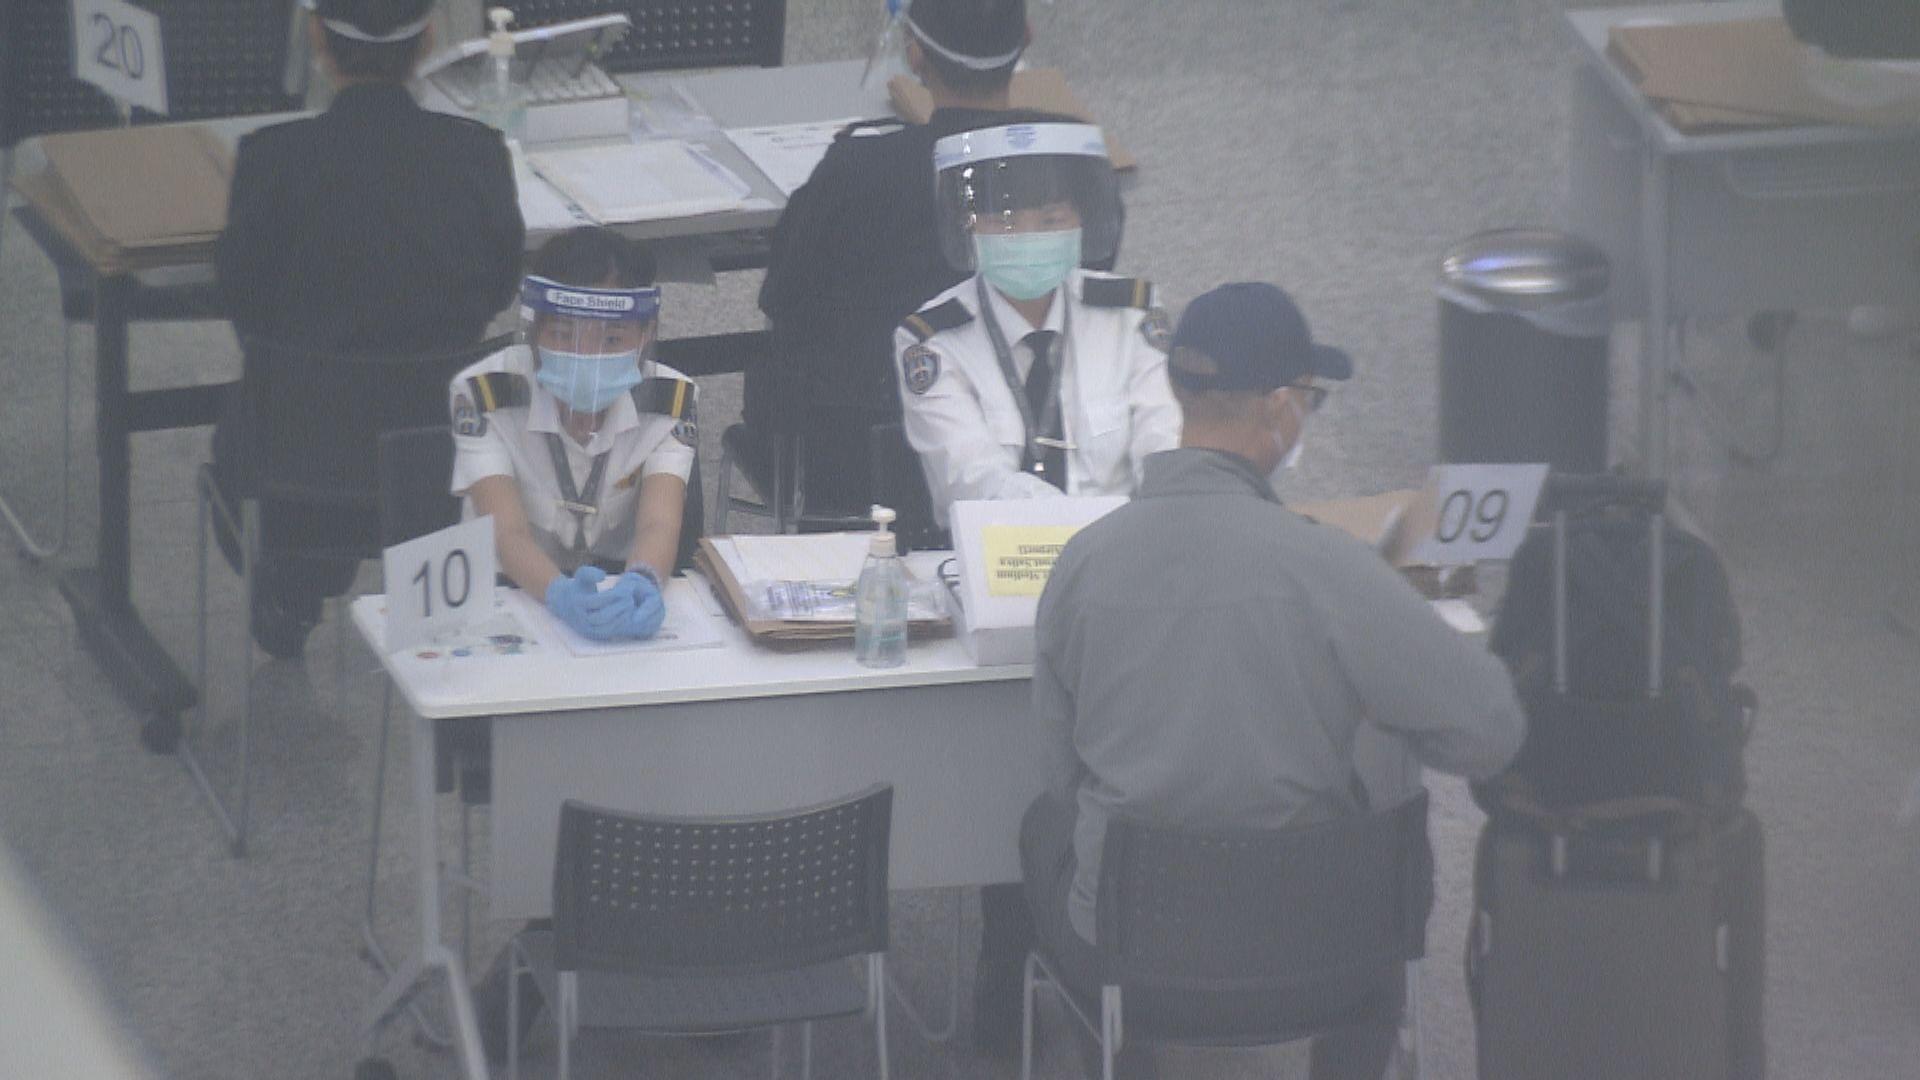 【累計1196宗】本港新增三男子染疫 均屬輸入個案